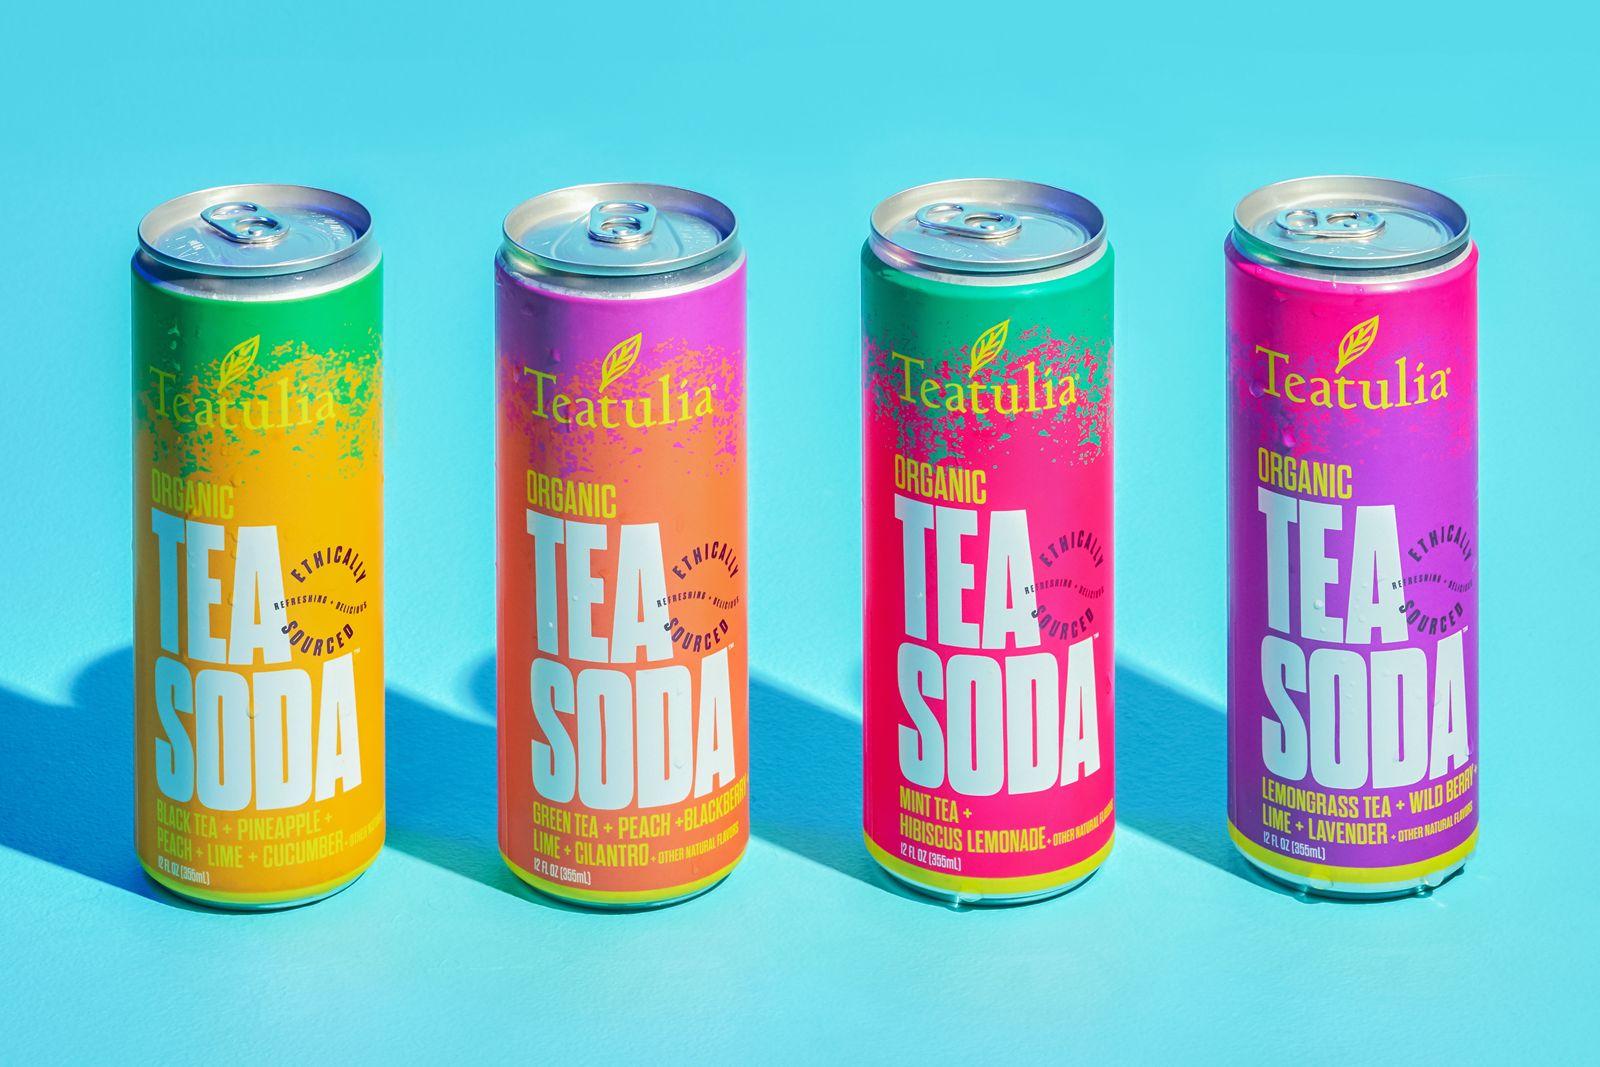 Teatulia Organic Tea Soda Launches in Whole Foods Market